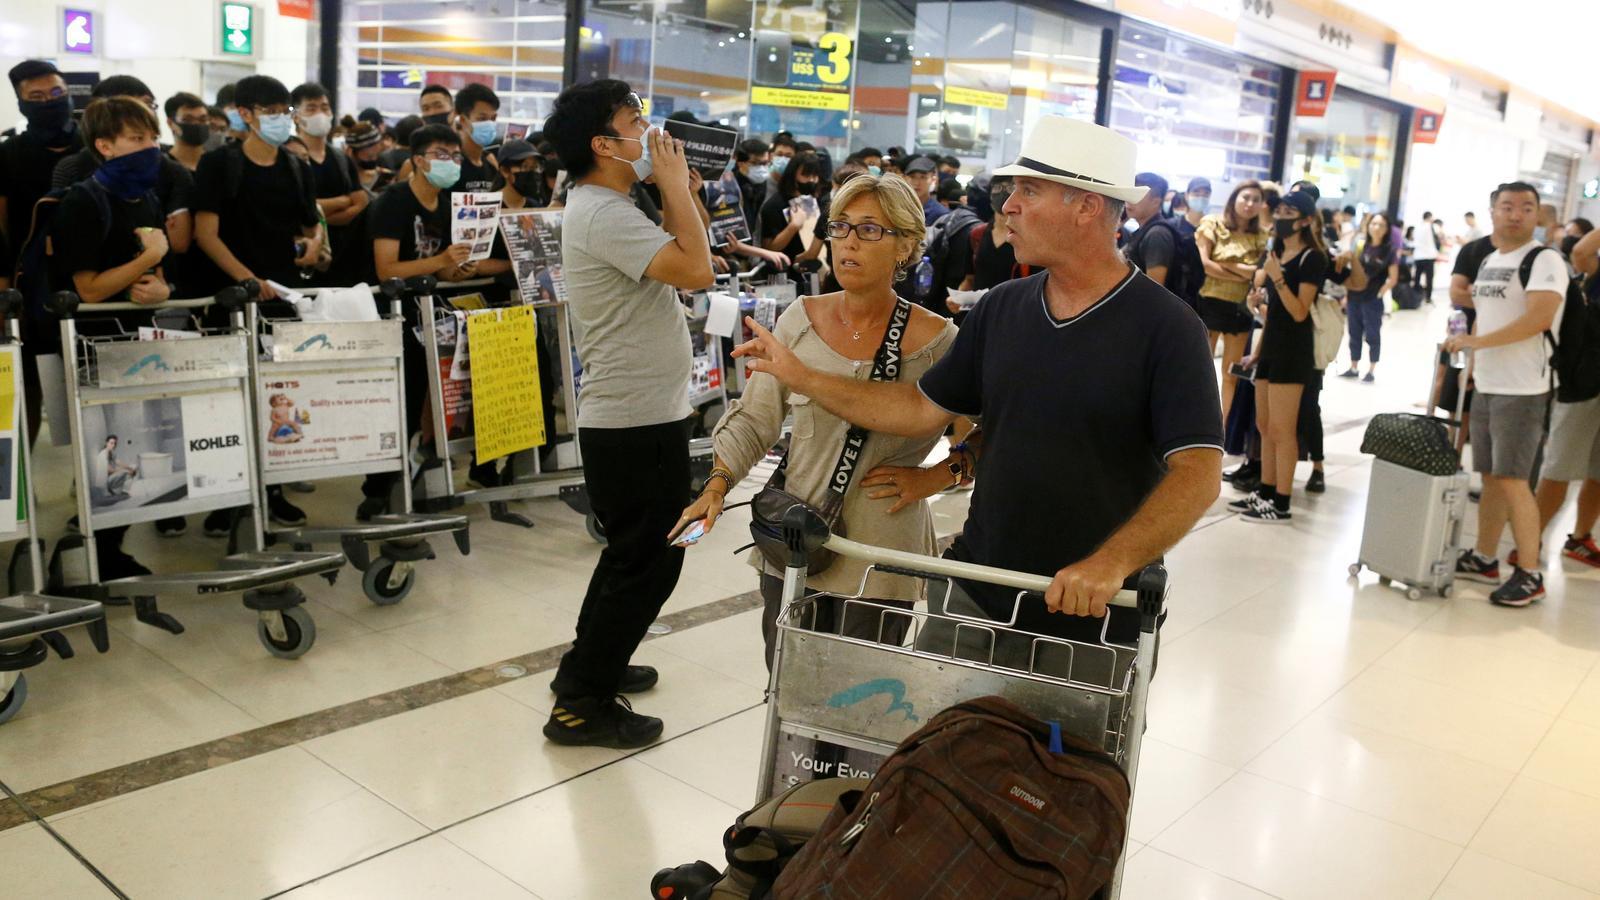 Tot el que necessites saber sobre la cancel·lació de vols a Hong Kong